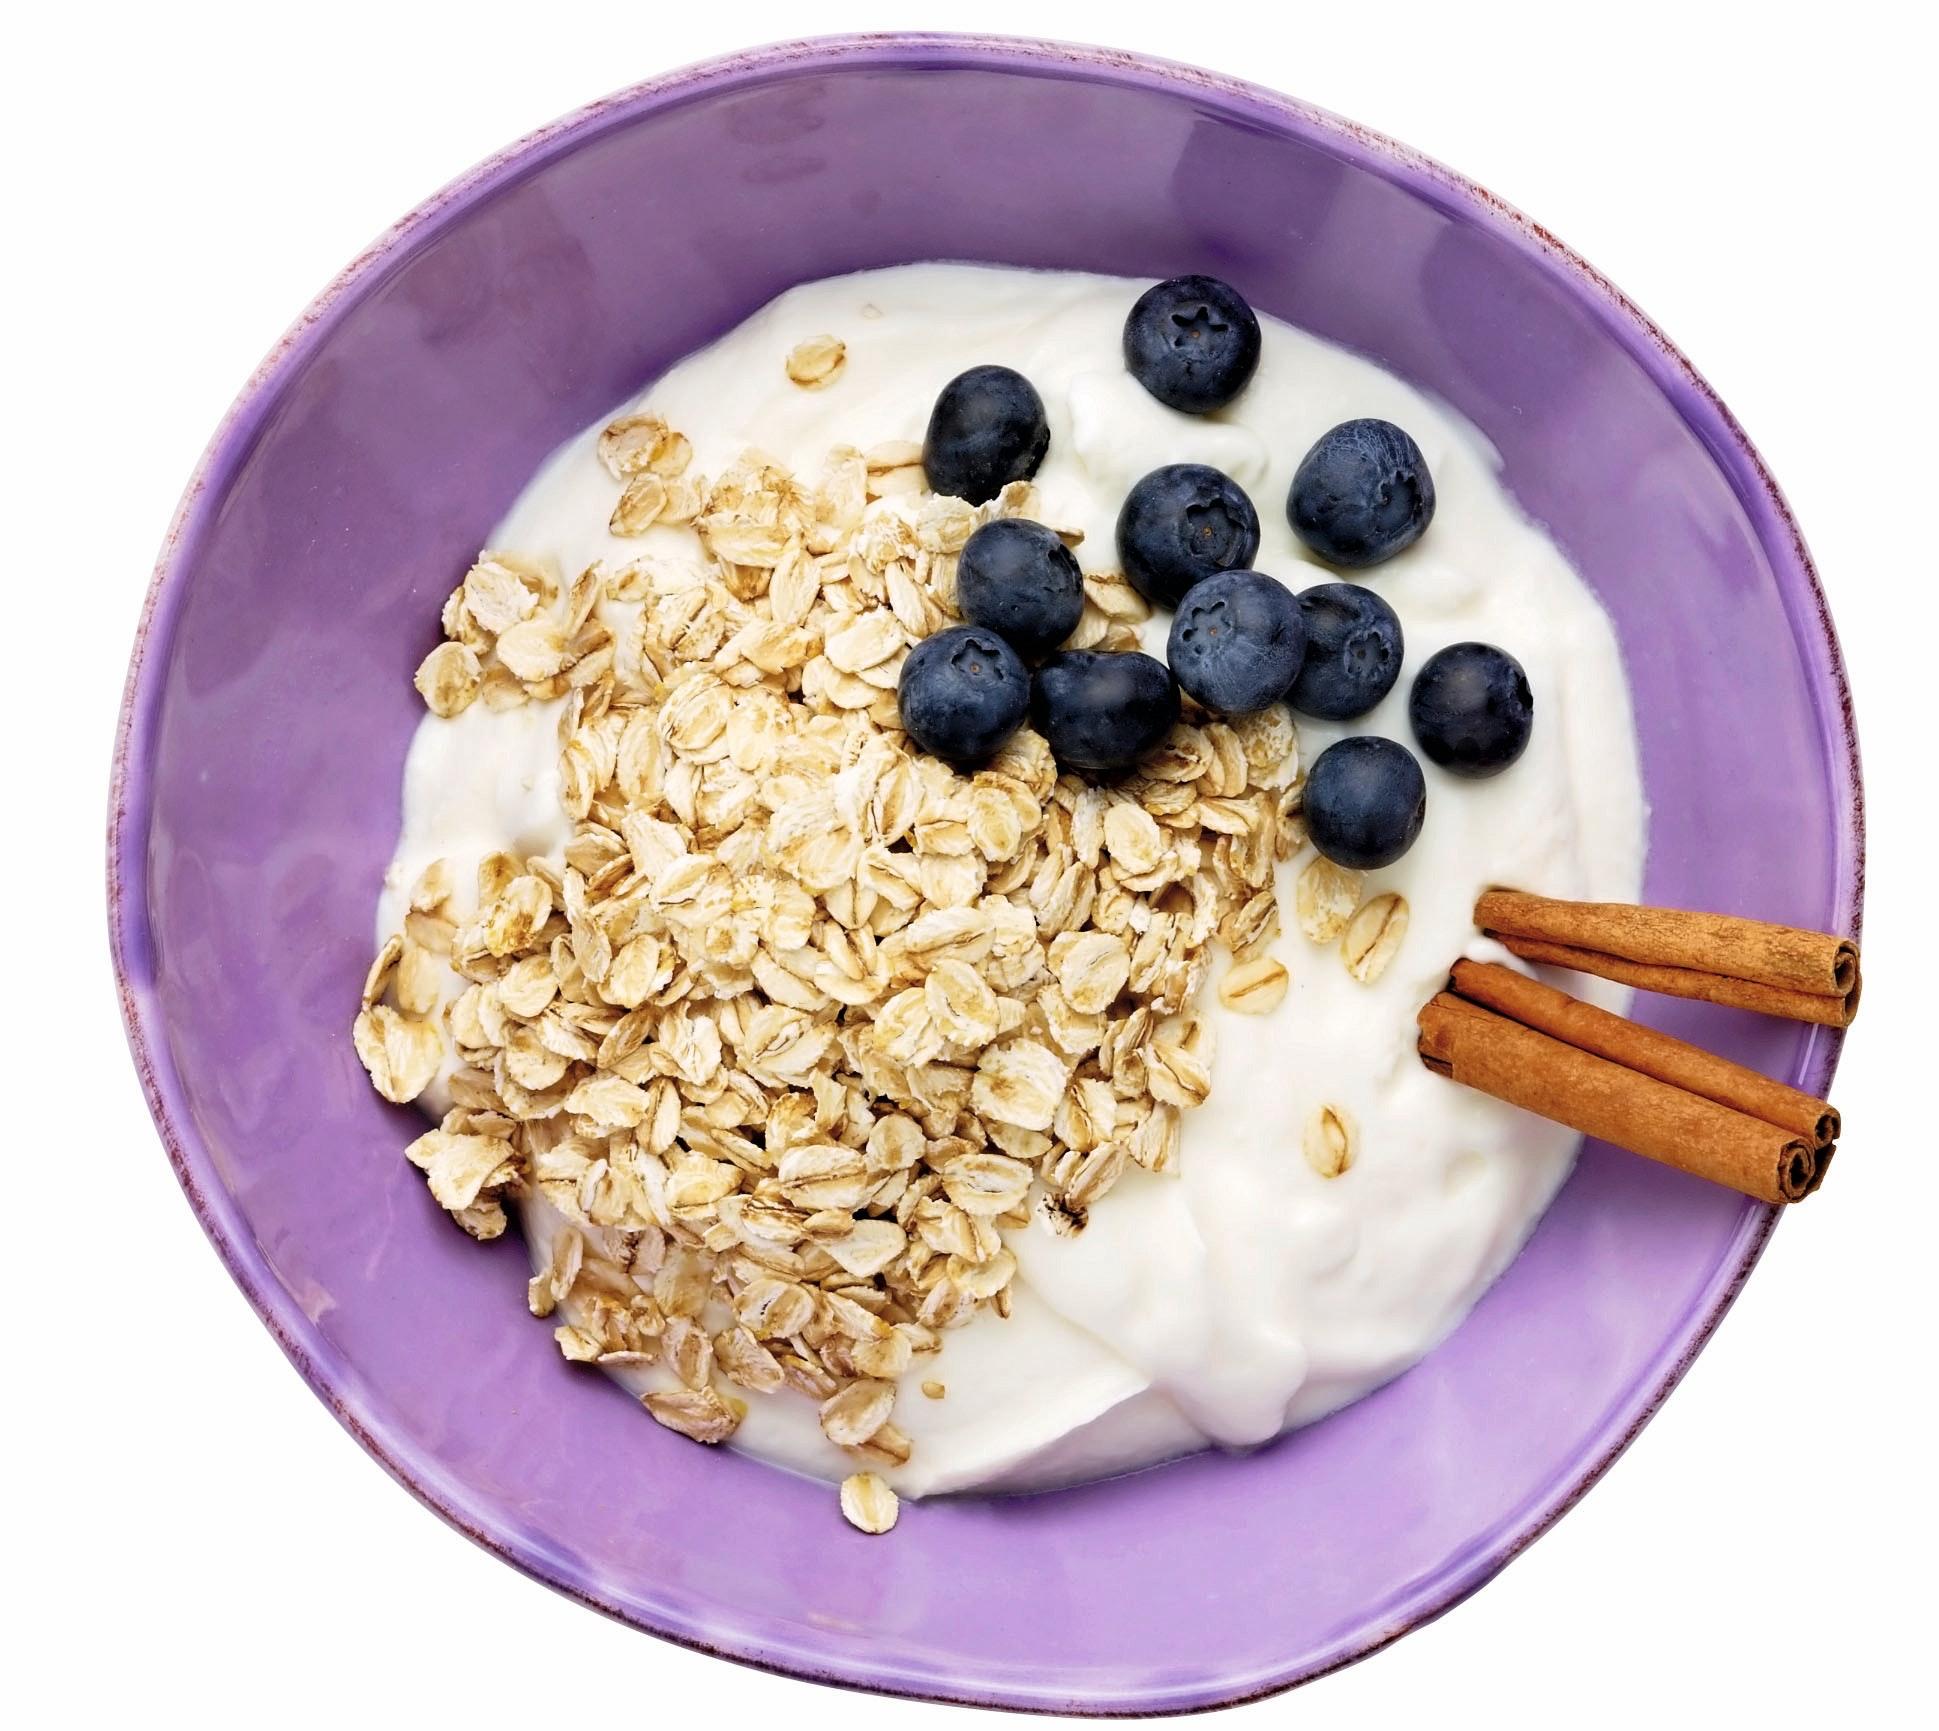 spis anti inflammatorisk mad og bliv rask